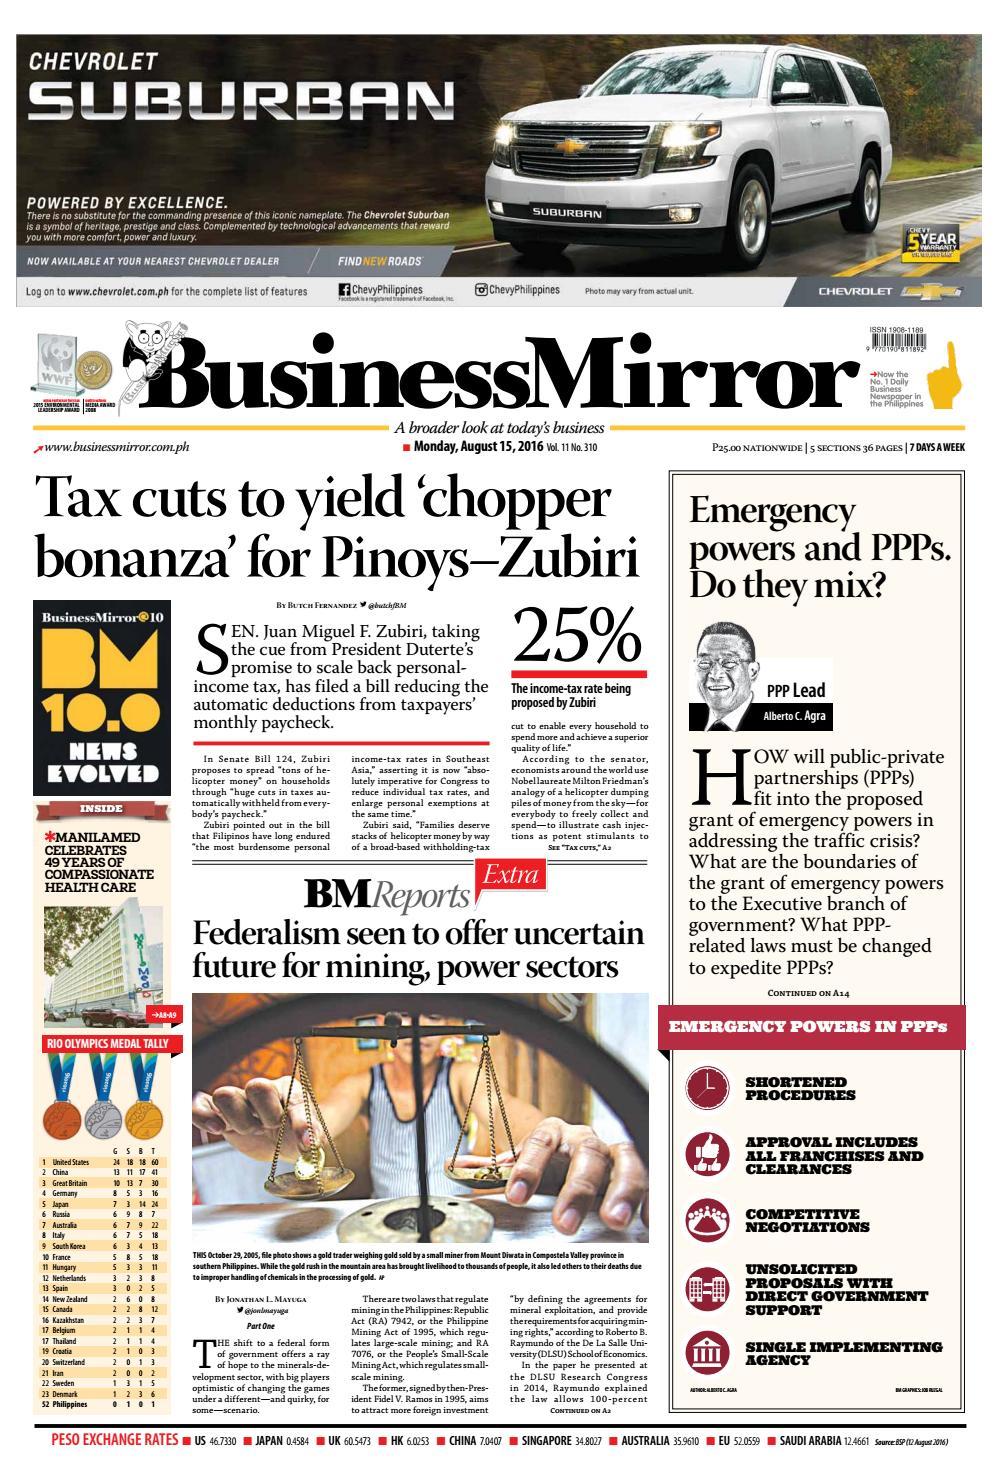 Businessmirror august 15, 2016 by BusinessMirror - issuu